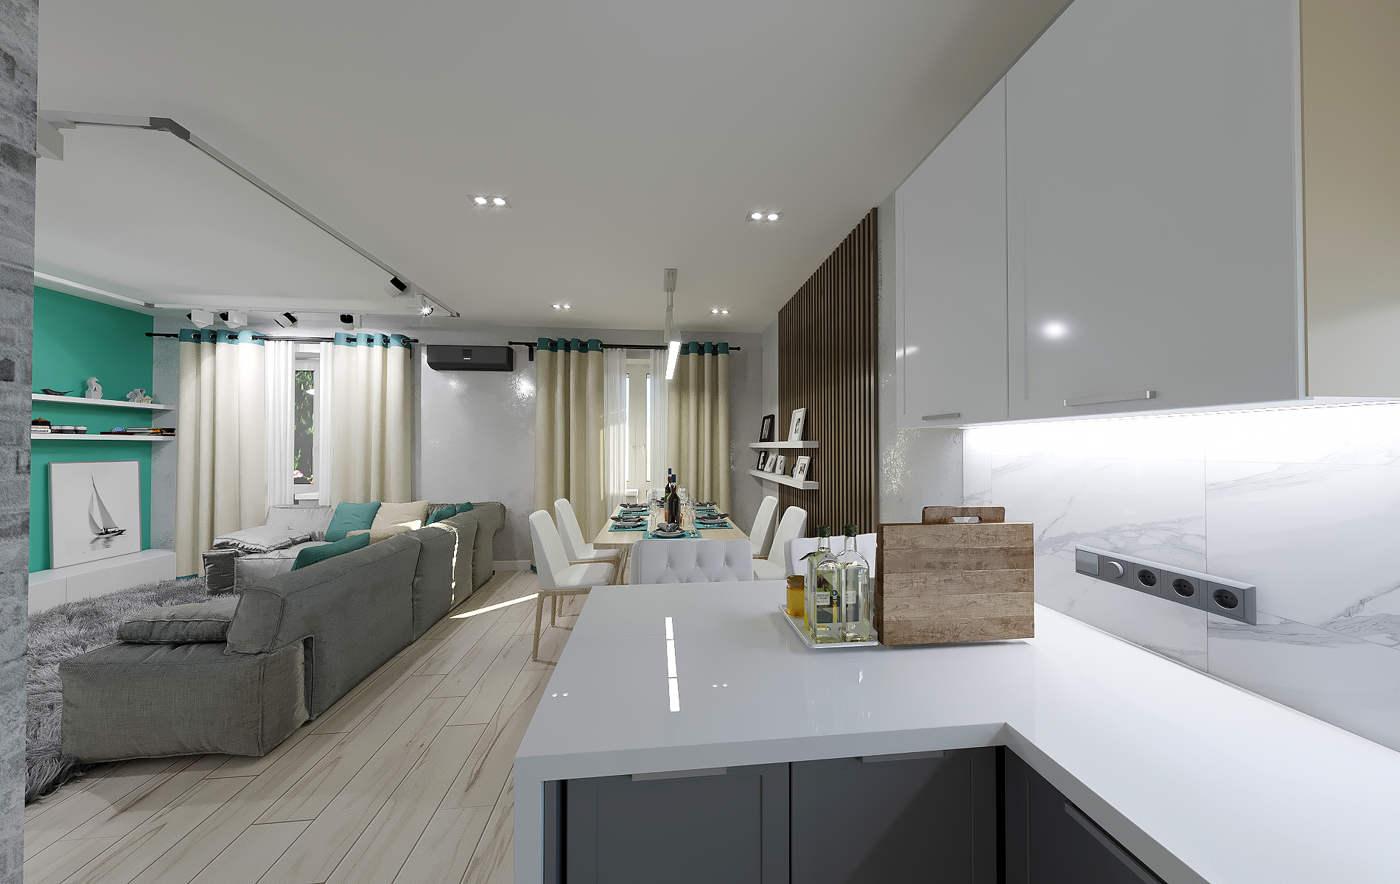 Дизайн кухни в квартире Киеве, констрастный интерьер, белая кухня